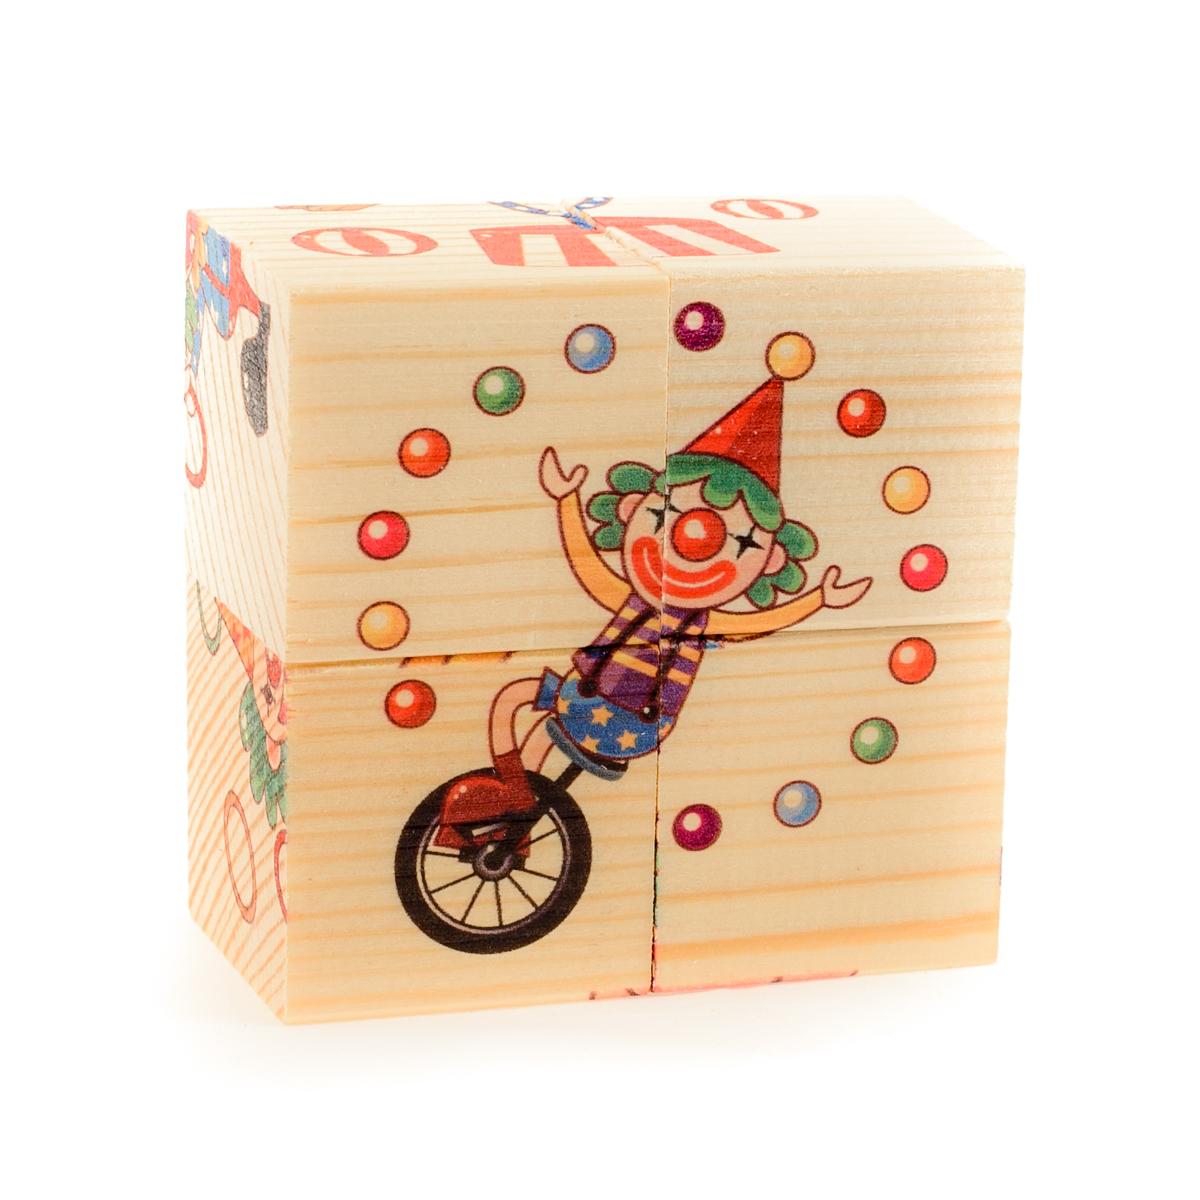 Развивающие деревянные игрушки Кубики ЦиркД486аКубики из натурального дерева - любимая игрушка каждого ребенка. Кубики обожают дети. Игру с кубиками в детстве с удовольствием и теплом вспоминают взрослые. Для кубиков серии Развивающие деревянные игрушки используется только натуральное отечественное дерево мягких пород с минимальной обработкой, что позволило максимально сохранить ощущение фактуры дерева и его аромата. Яркие, контрастные и понятные ребенку иллюстрации нанесены экологичными красками. Кубики из дерева - не только прекрасный строительный материал для вполощения детских фантазий, но и удобное пособие для развития зрительной памяти, логики и мелкой моторики у детей. Объясните ребенку, что на каждой грани кубика нанесена часть картинки, а если 4 картинки собрать вместе, получится изображение. Покажите ему пример. С помощью набора Собери рисунок. Кубики-пазл. ЦИРК можно собрать 6 разных изображений клоунов, цирковых животных и веселых цирковых трюков. ВНИМАНИЕ! Детали игрушки выполнены из натурального дерева...